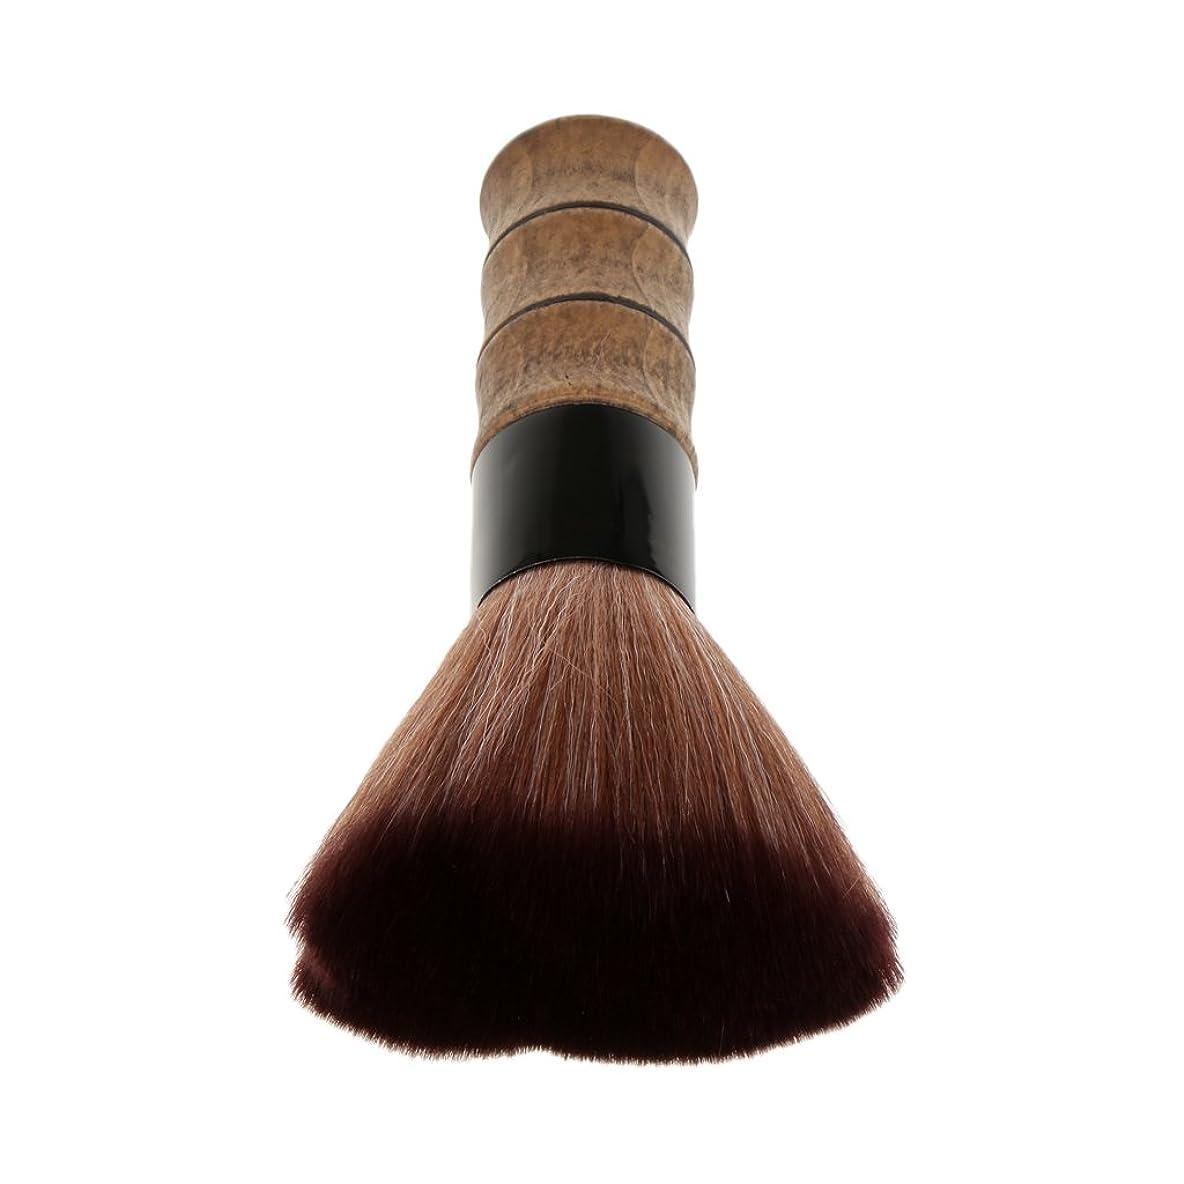 クラス甲虫掃くFenteer シェービングブラシ ソフトファイバー 脱毛 シェービング ブラシ ブラッシュ ルーズパウダー メイクブラシ 繊維+竹ハンドル 2色選べる - 褐色